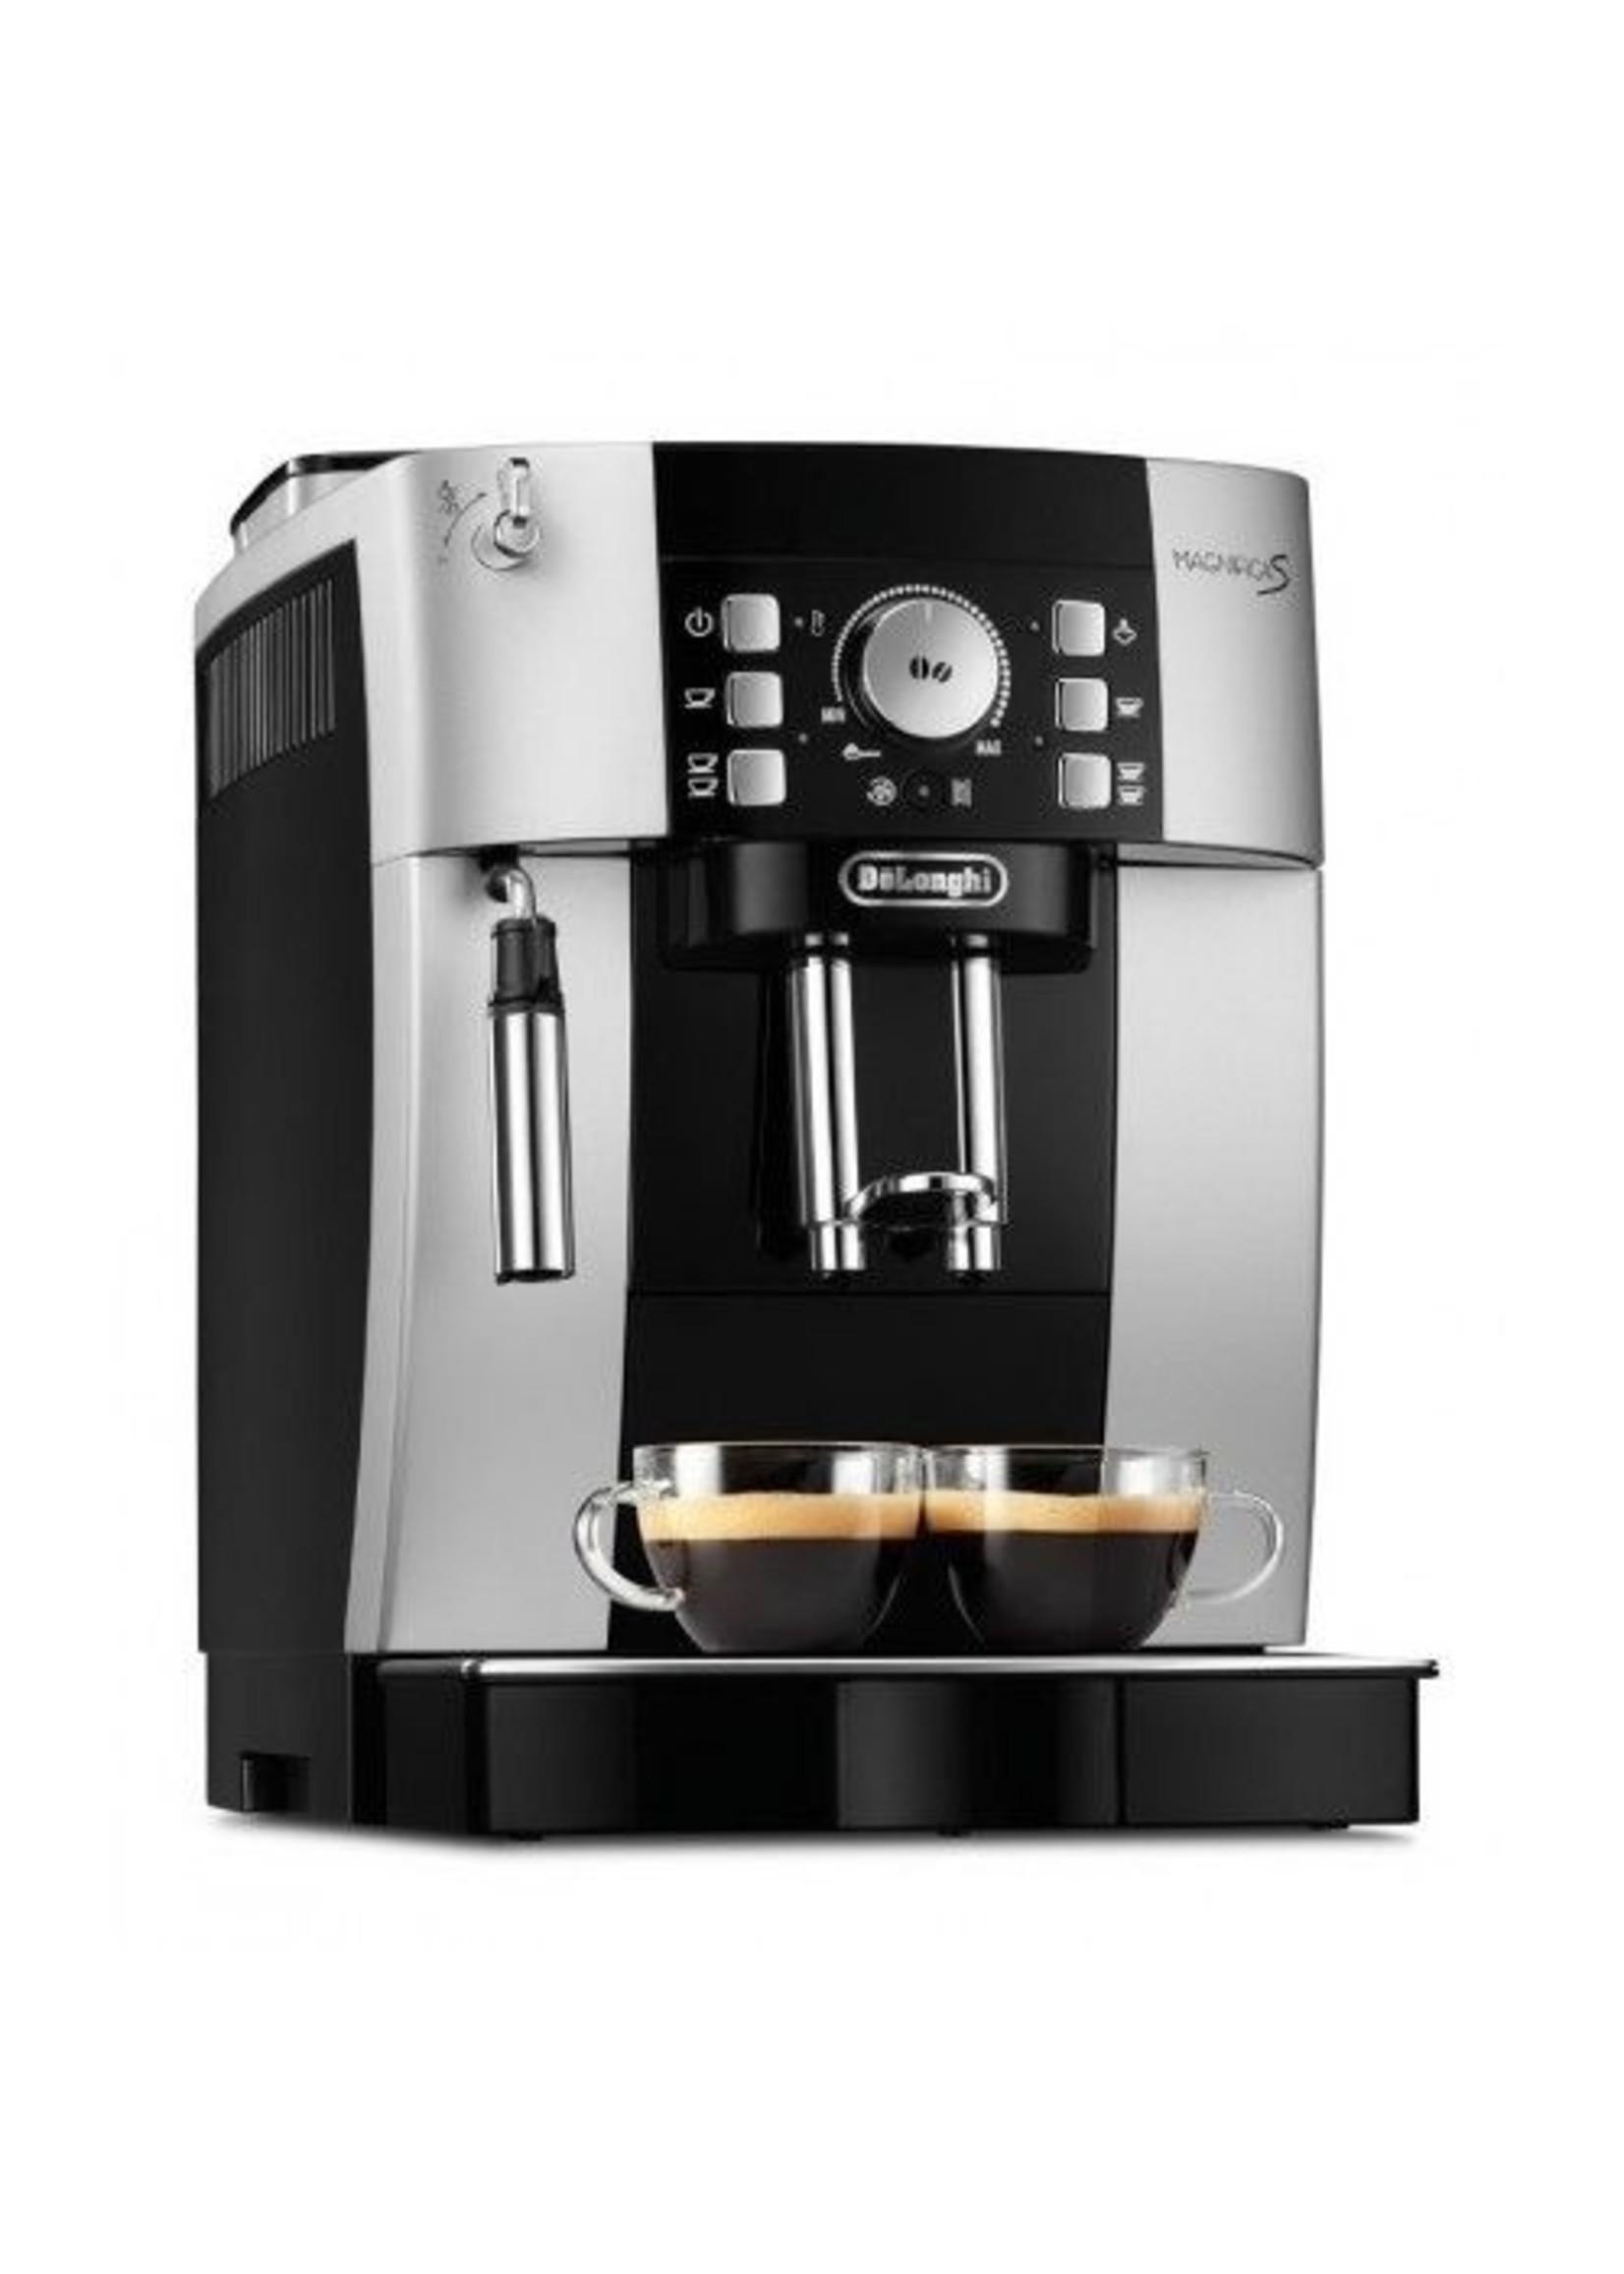 DeLonghi DeLonghi ECAM 21.117.SB Magnifica S Espressomachine Zwart/Zilver